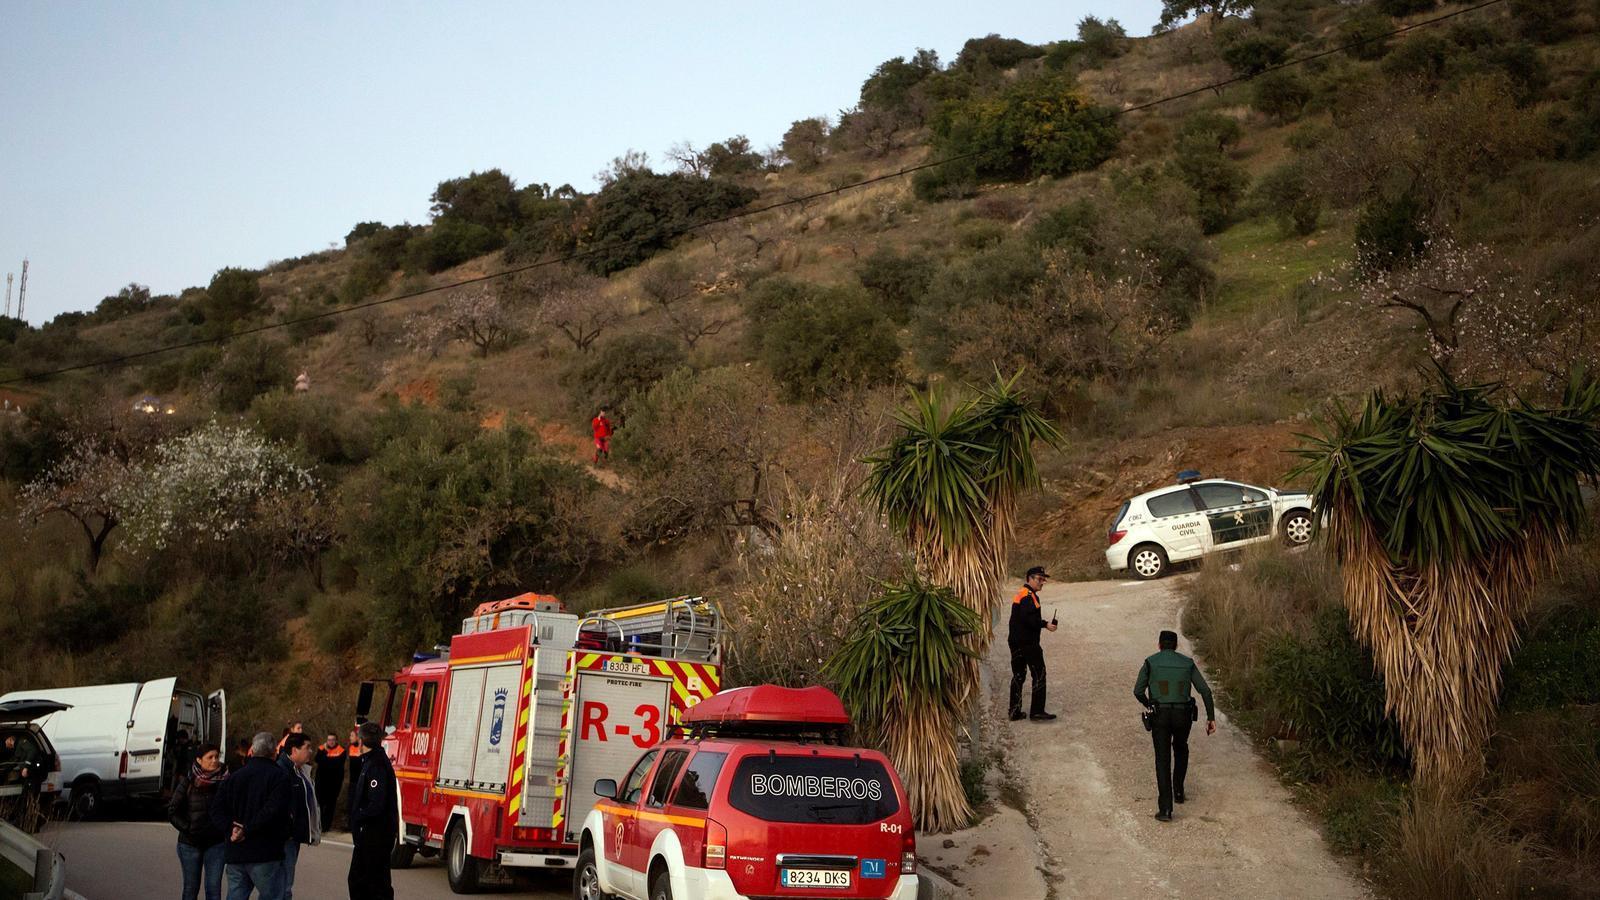 Continuen les tasques per rescatar el nen que va caure en un pou de més de 100 metres de profunditat a Màlaga